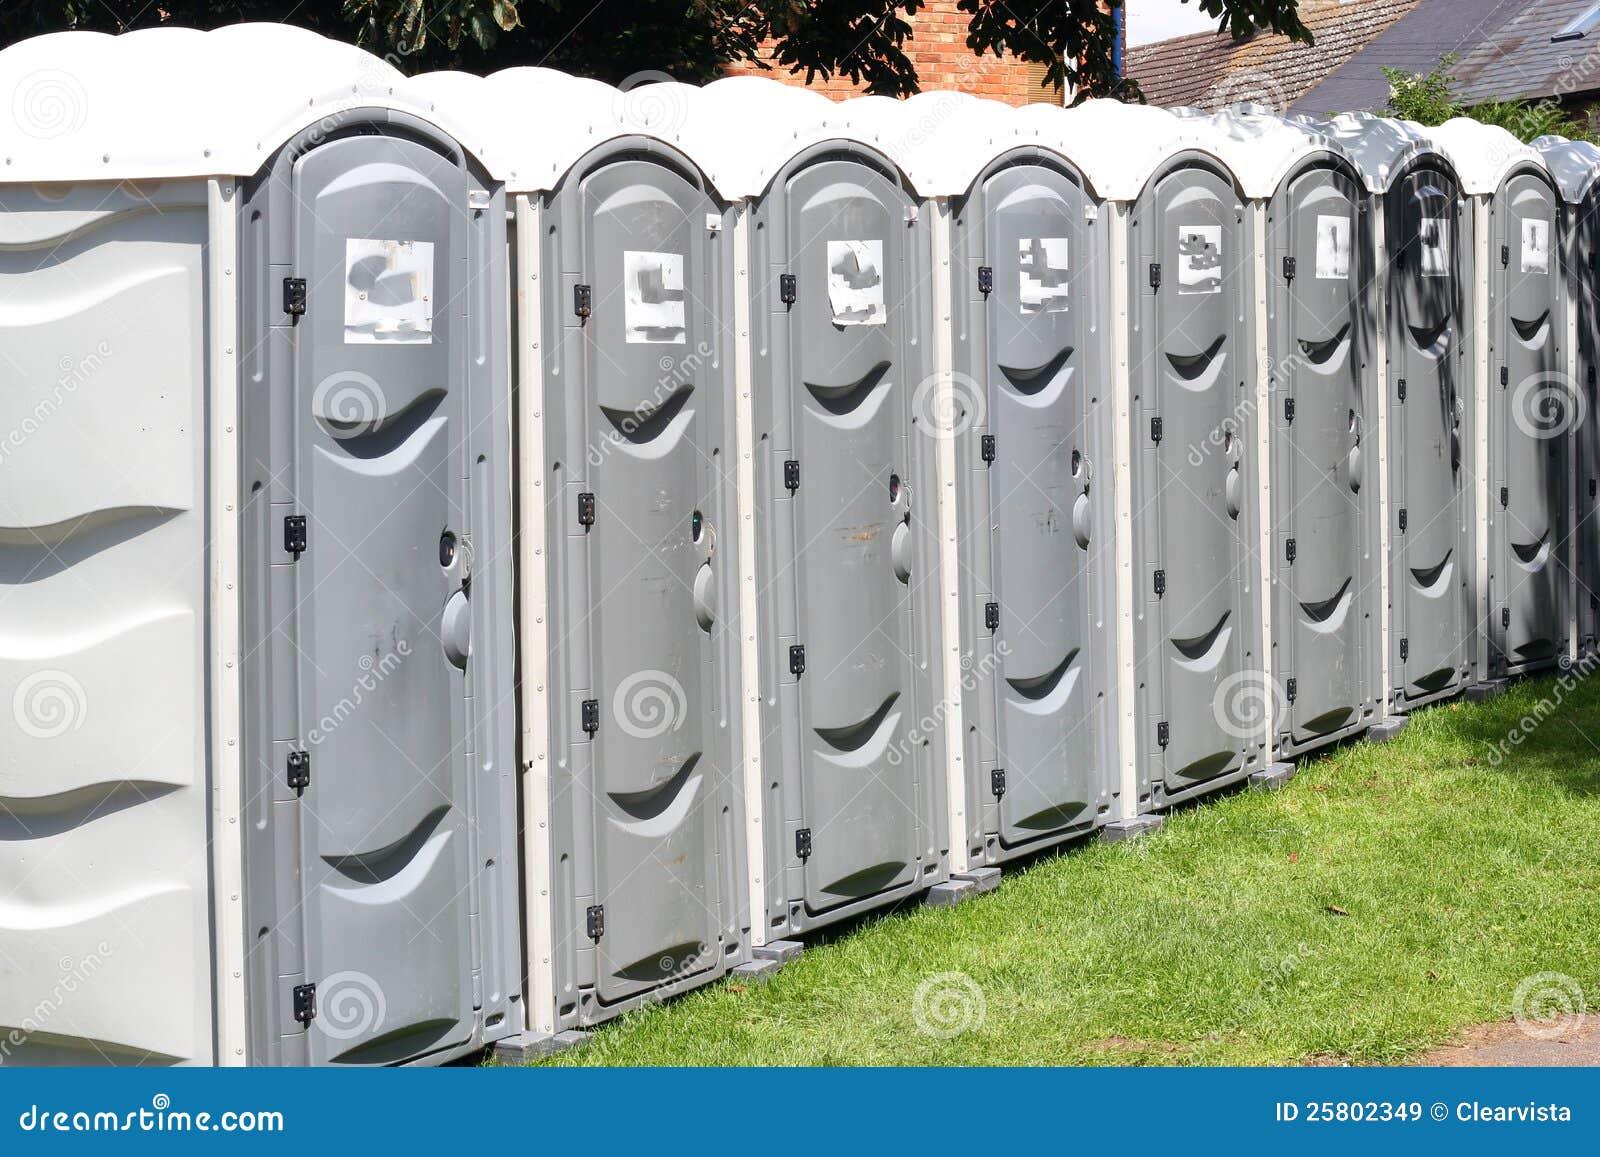 Rząd przenośne urządzenie na zewnątrz toalet.